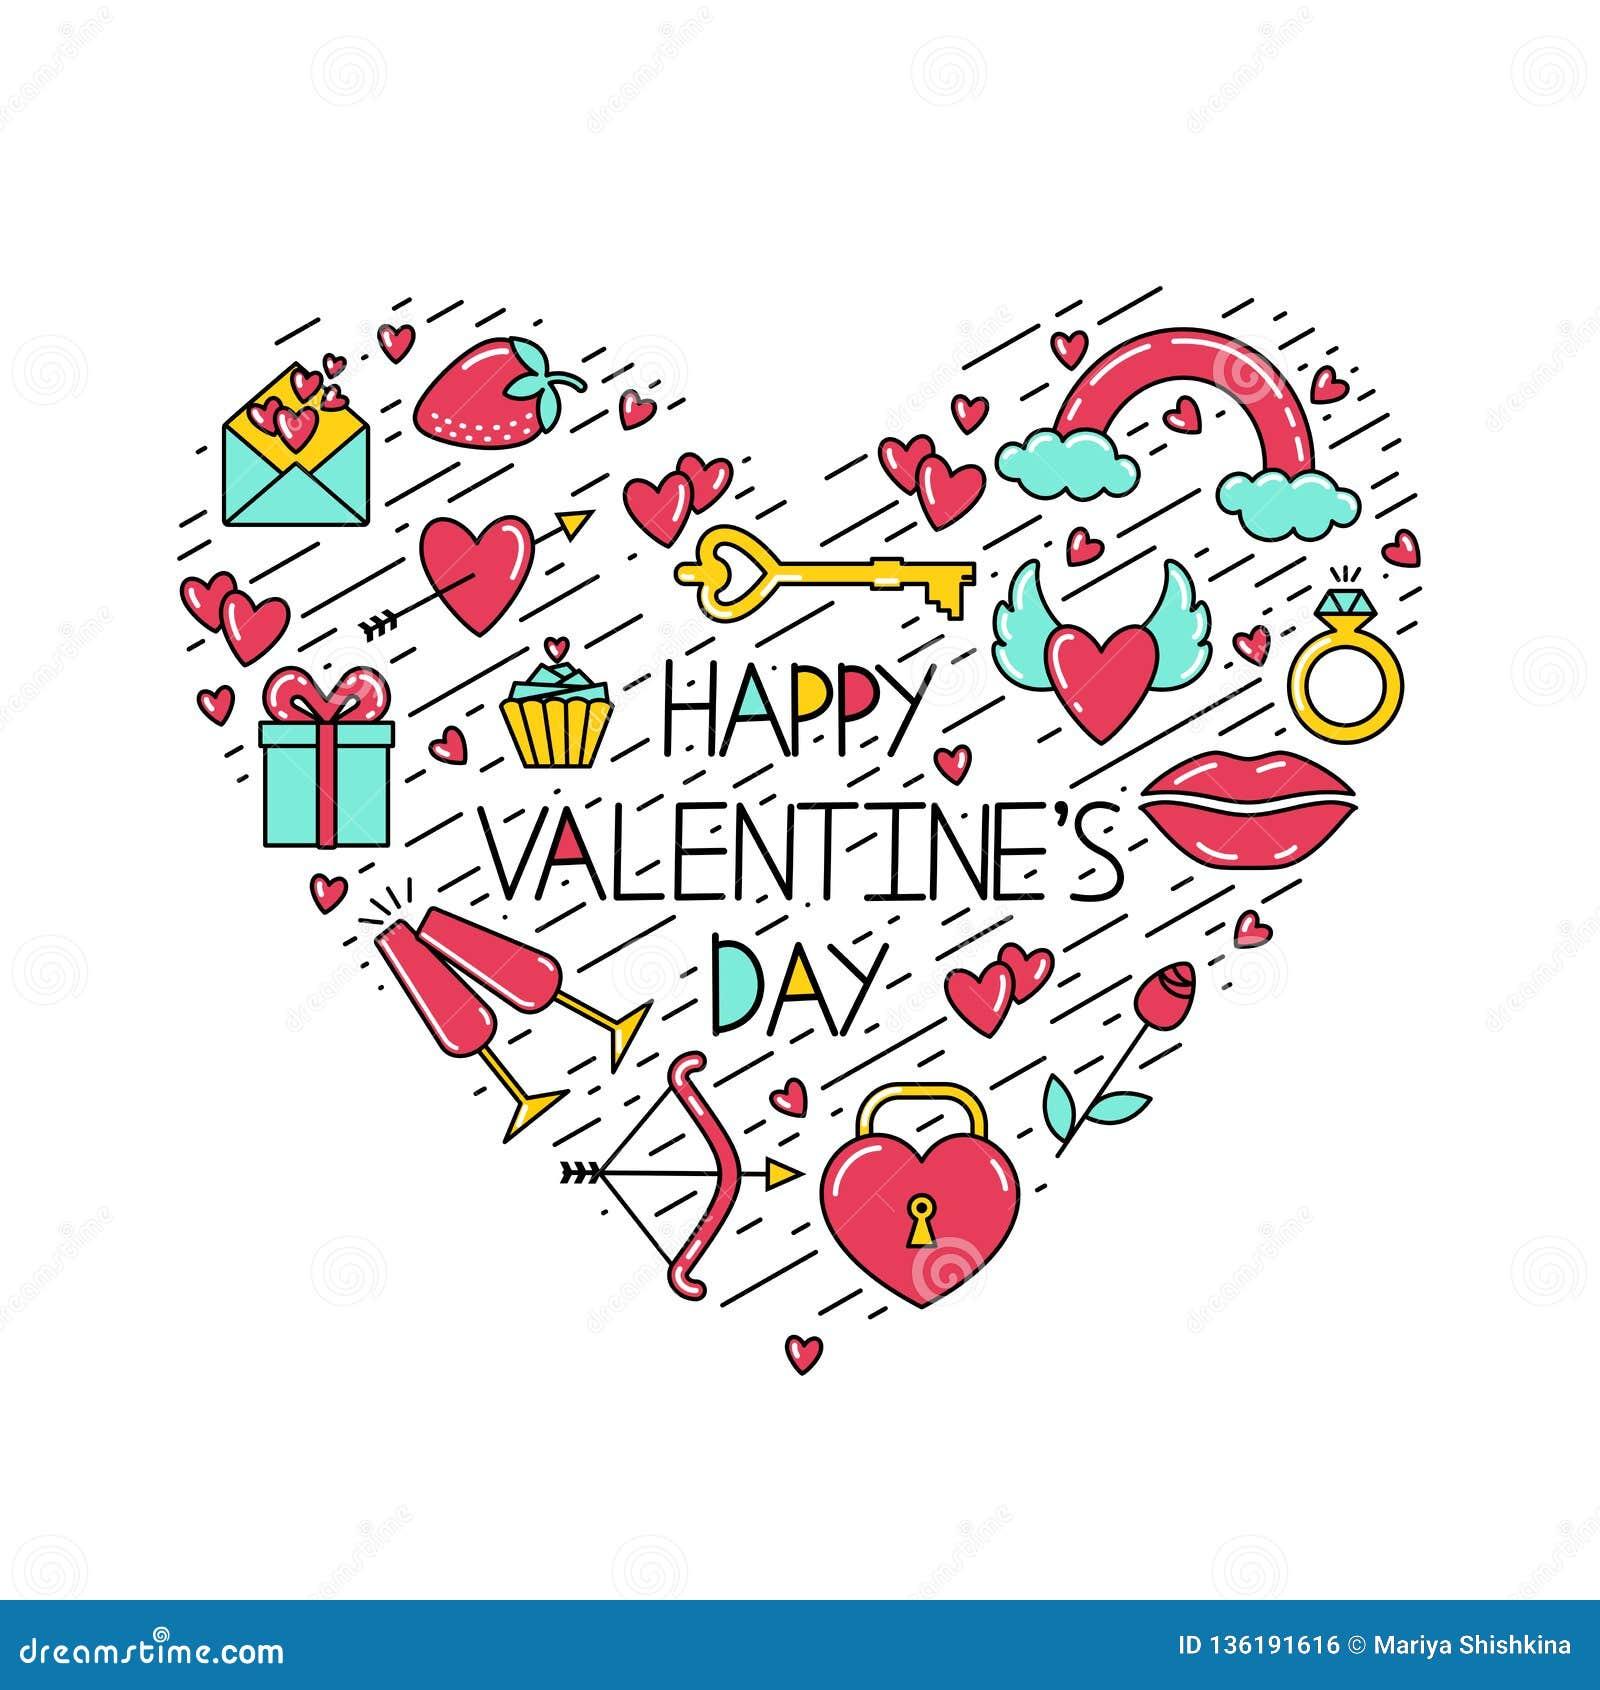 La Saint-Valentin heureuse d inscription avec des symboles et des lignes noires disposés sous forme de coeur